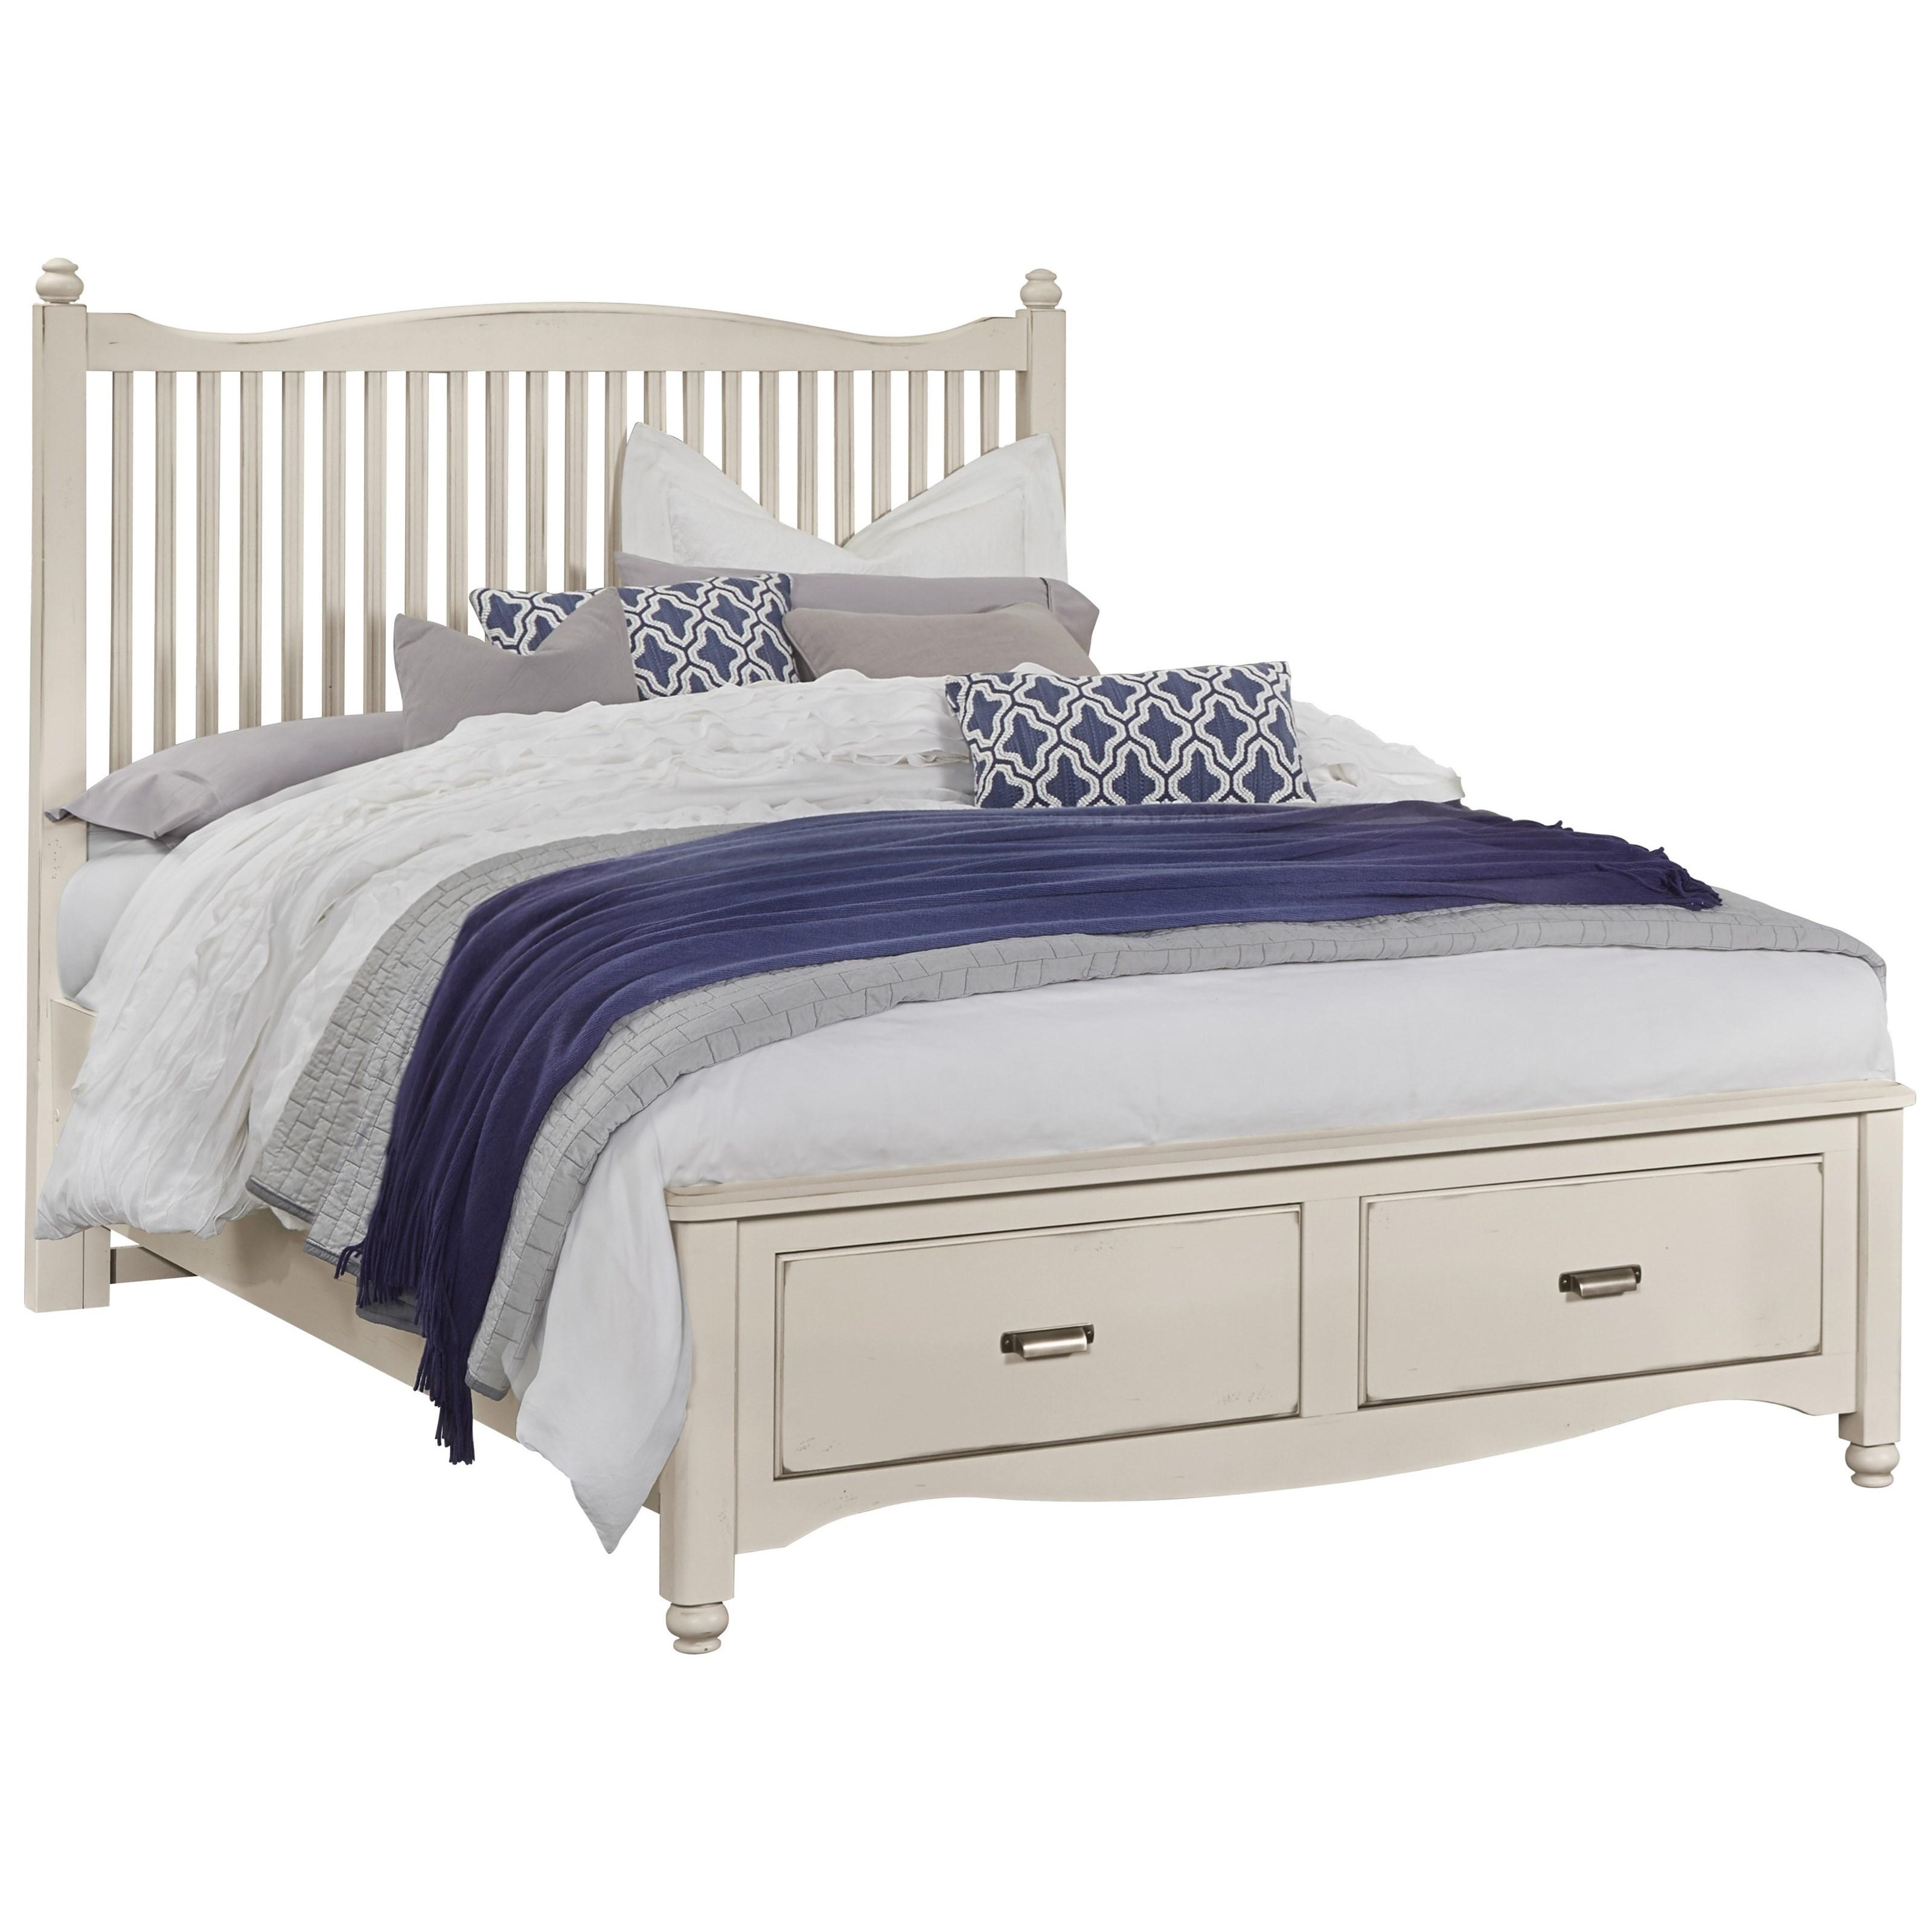 Queen Slat Storage Bed